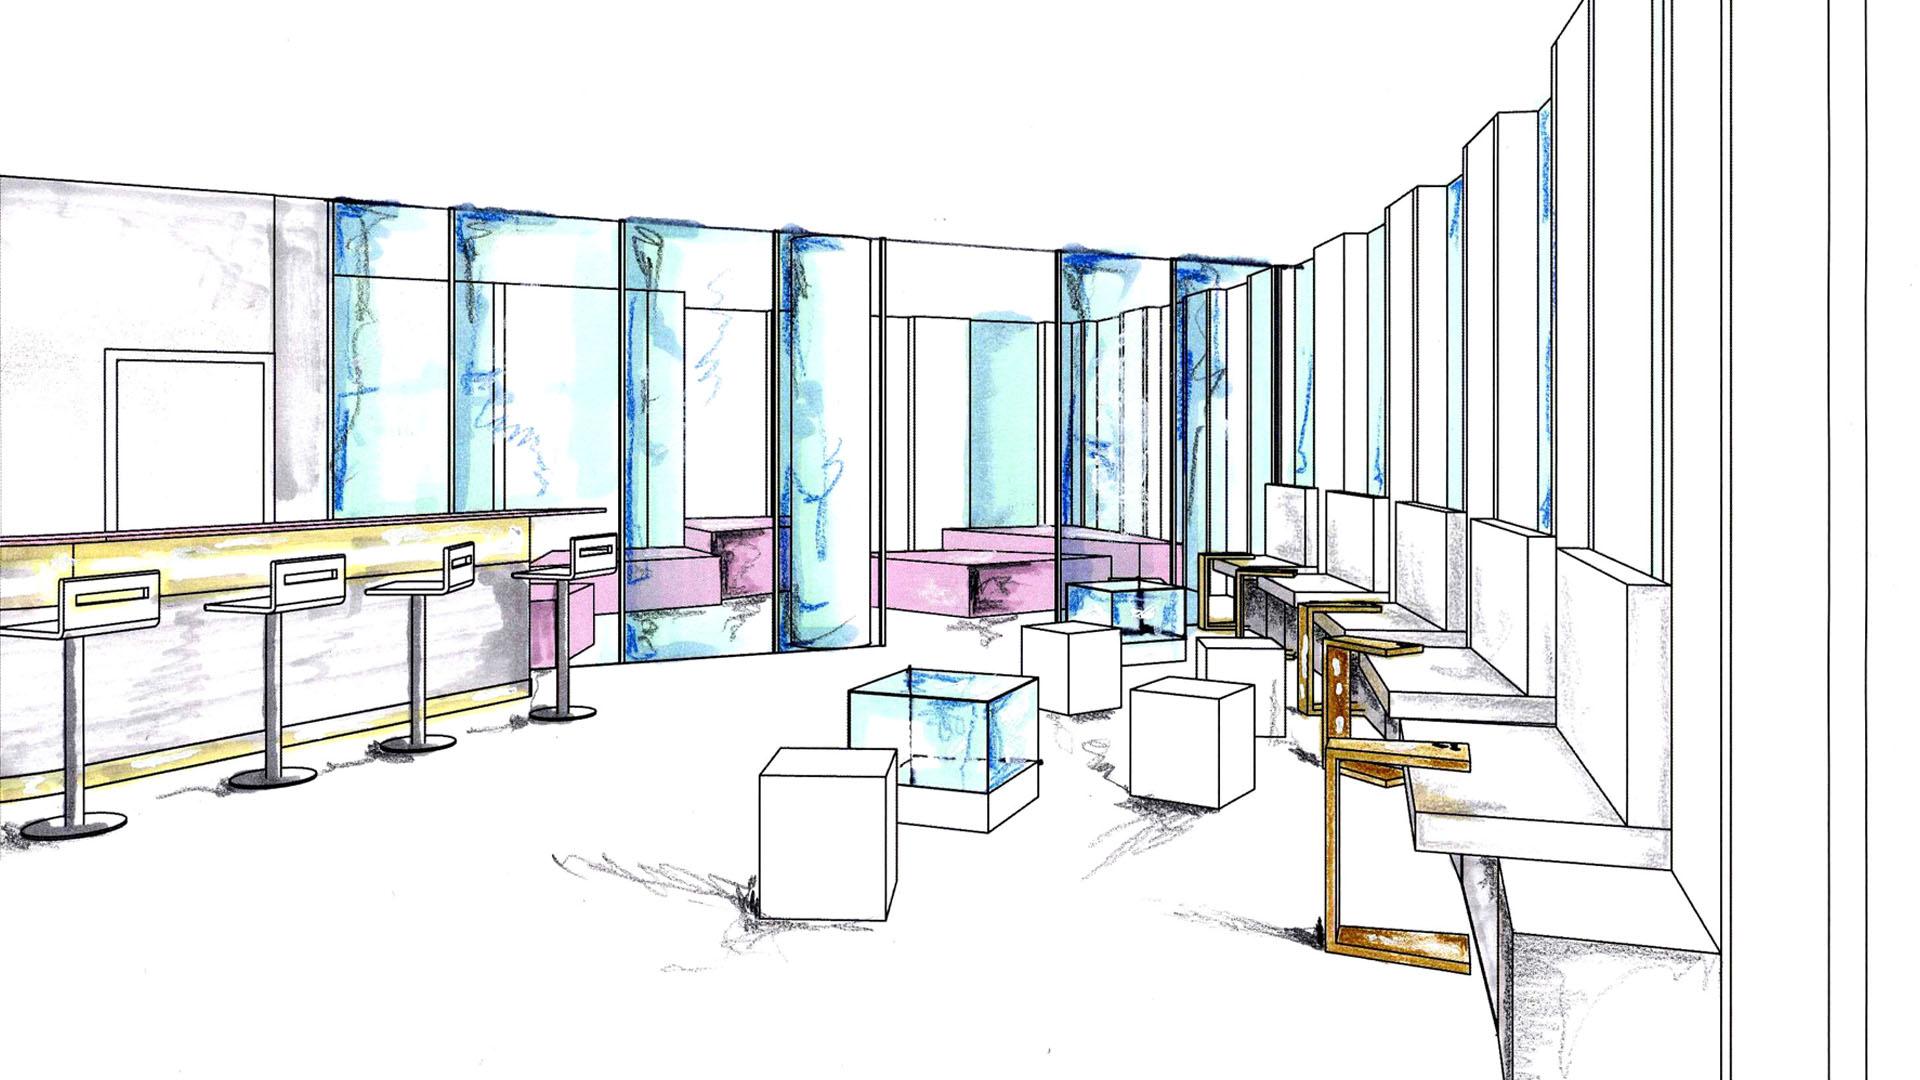 MAASS-Lichtplanung_Gestaltungskonzept Bar__MAASS-Poseidon-Bar-002